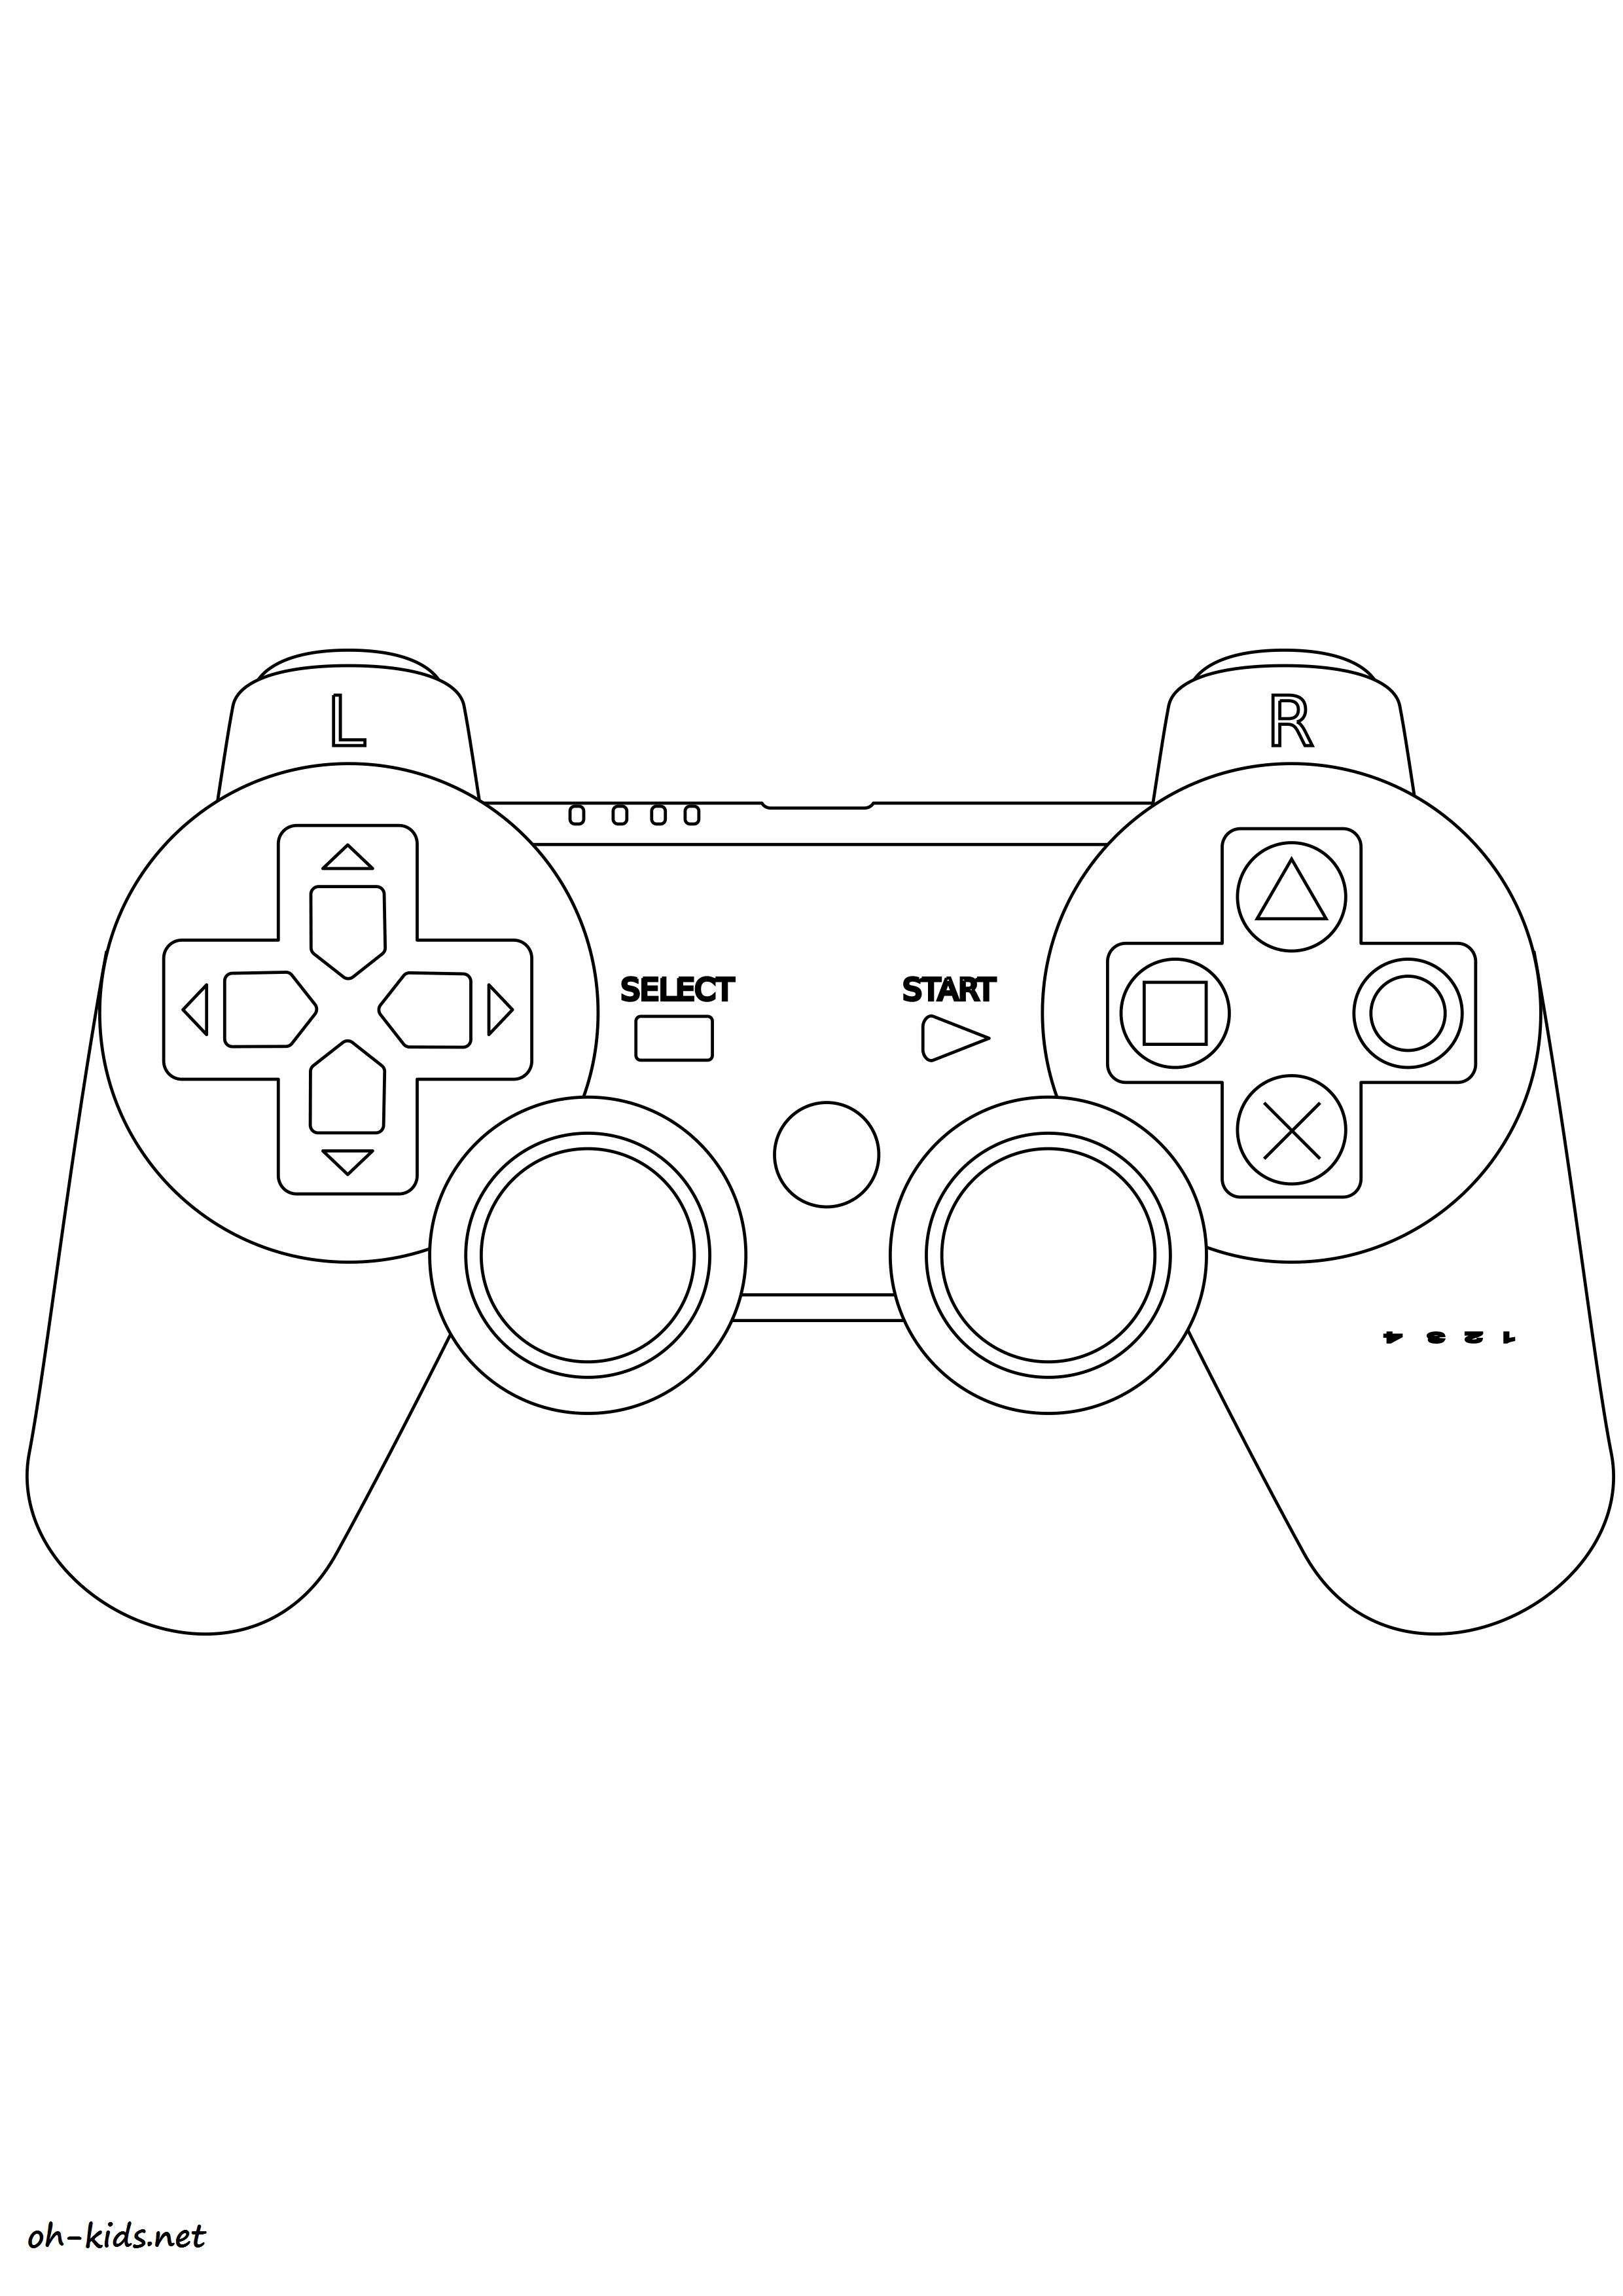 Console de jeux coloriage - Jeux de coloriag ...